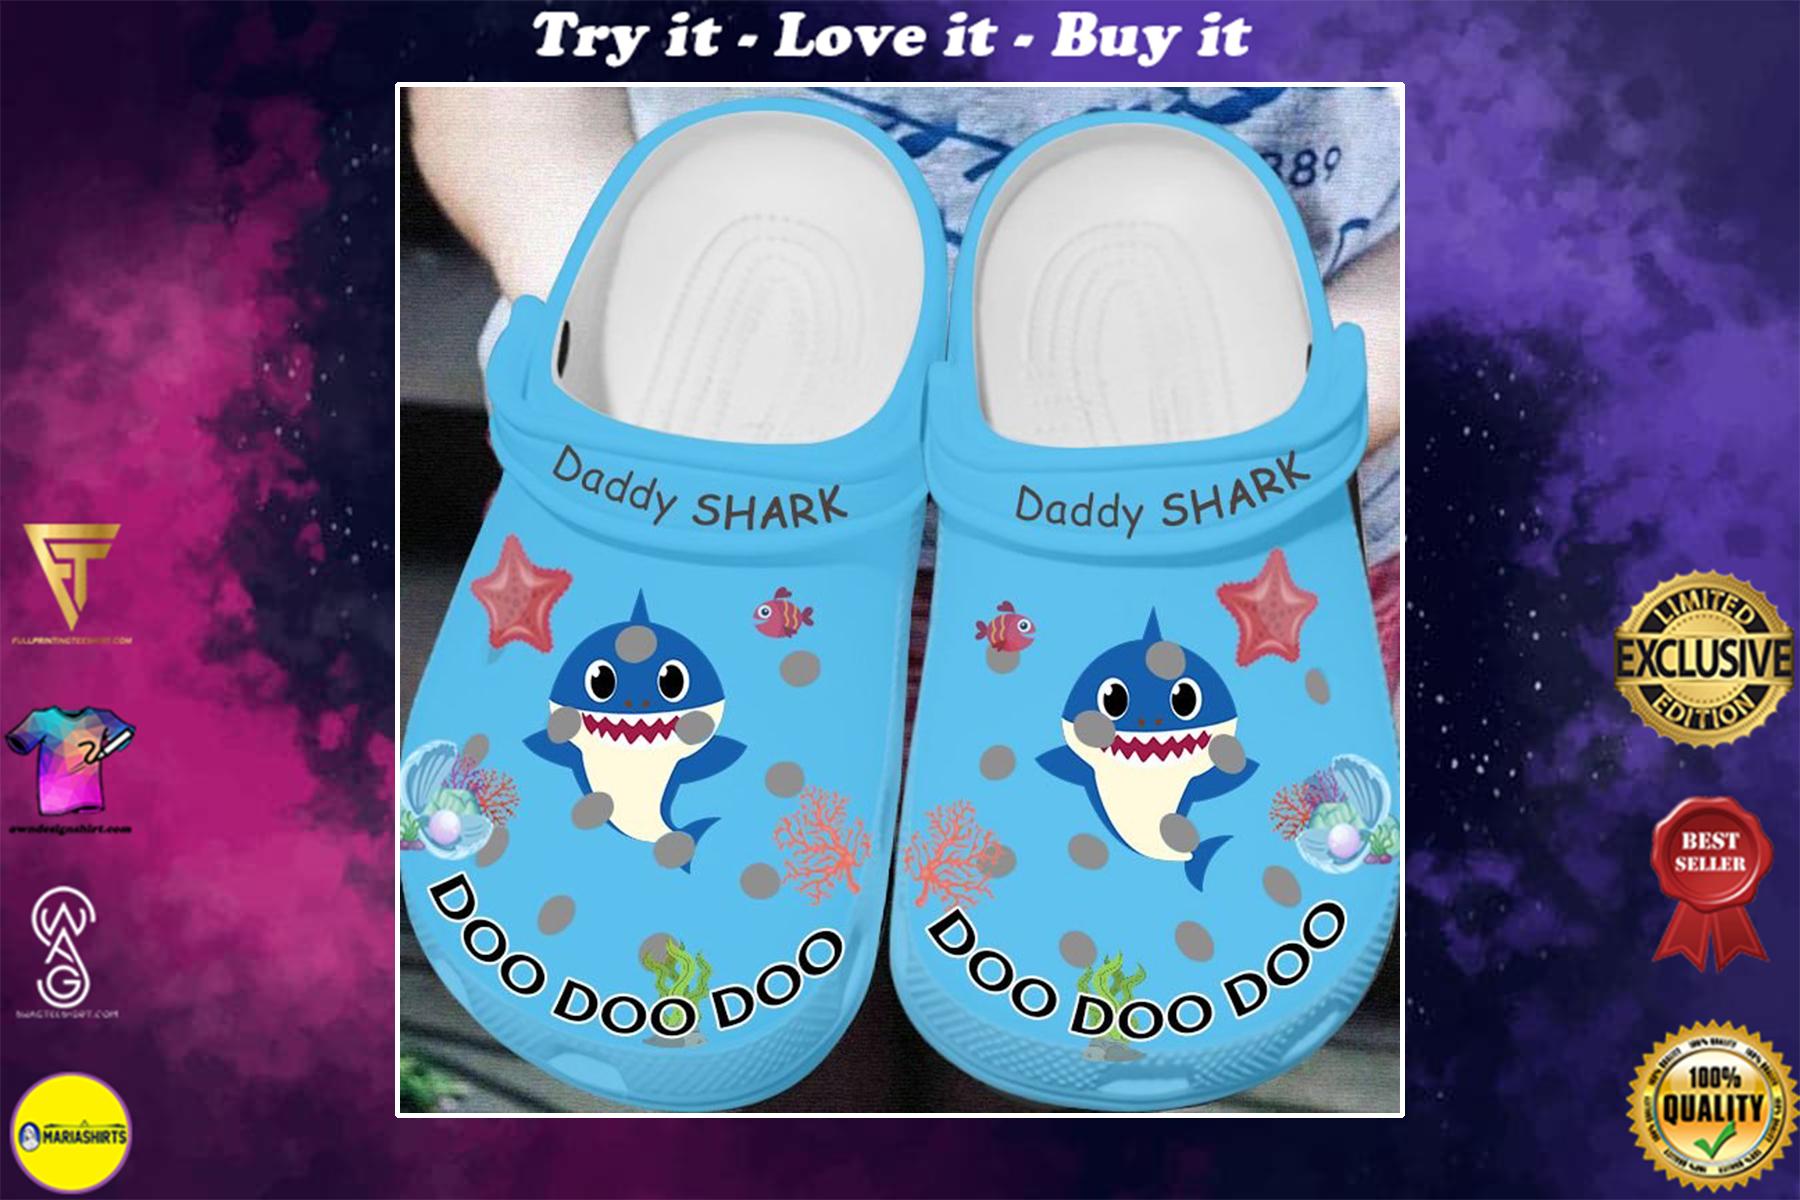 daddy shark doo doo doo crocband clog - Copy